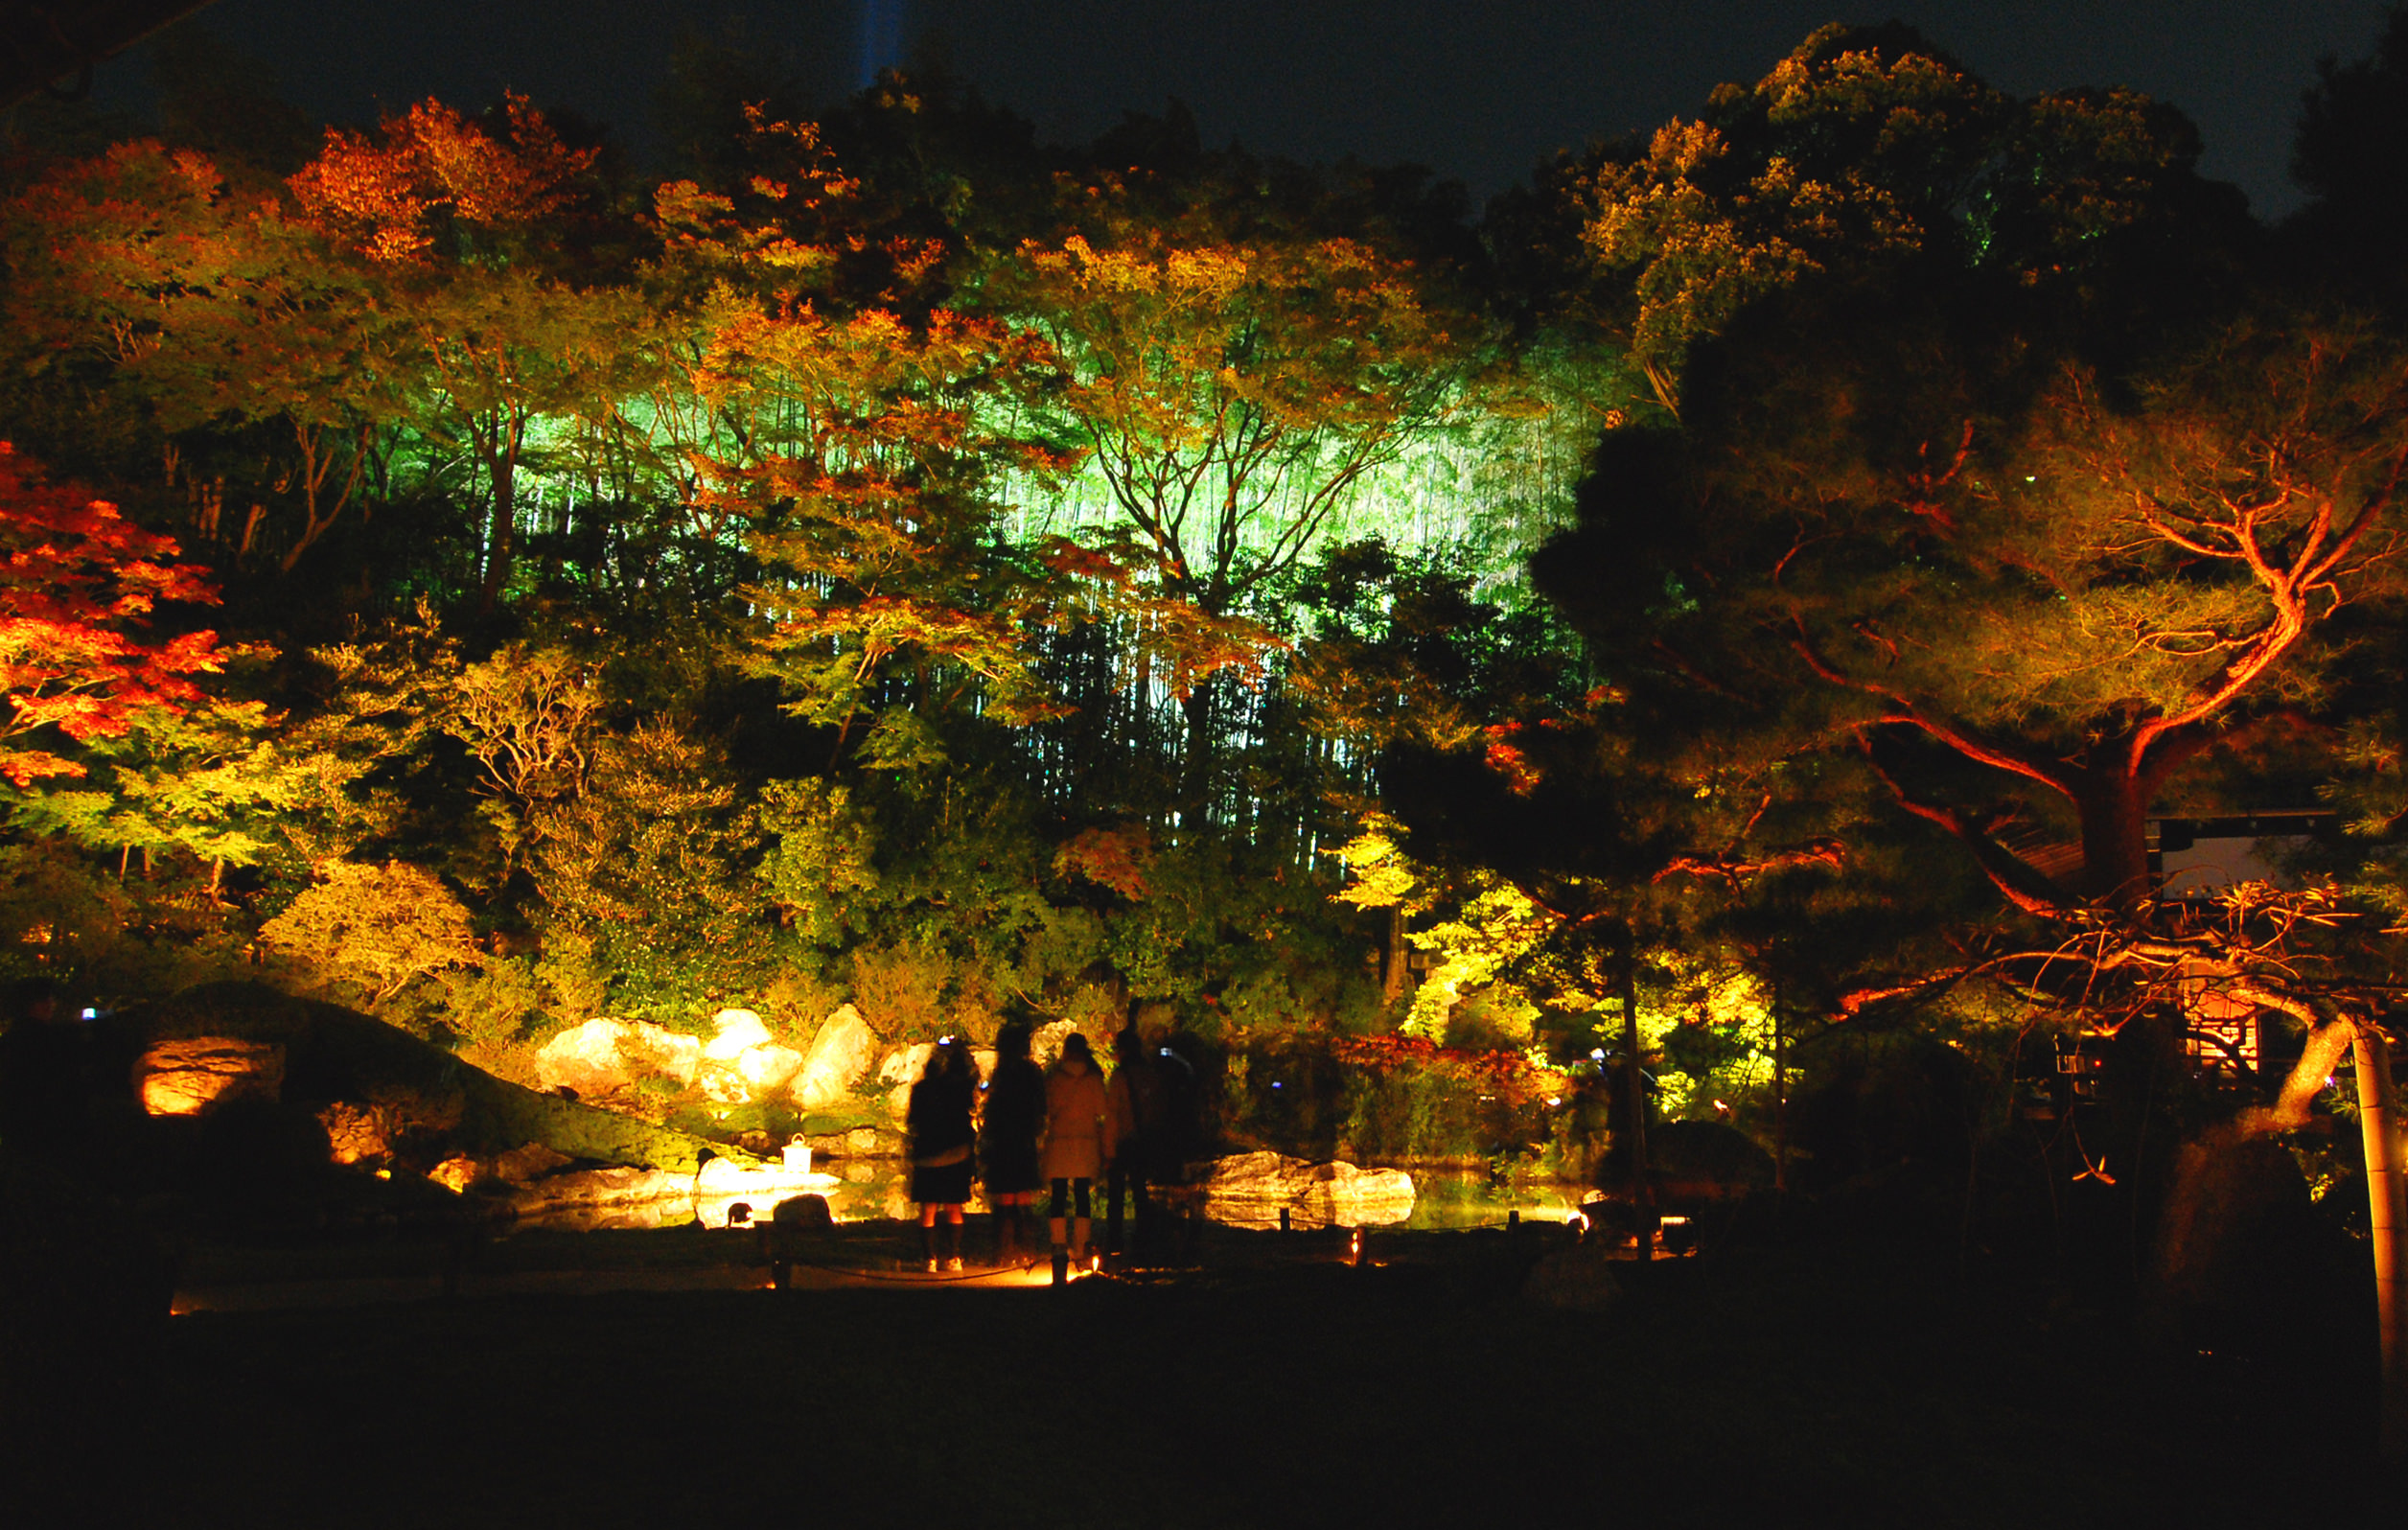 00_赤い紅葉の奥、青白く照らされた竹林が神秘的な印象を与える